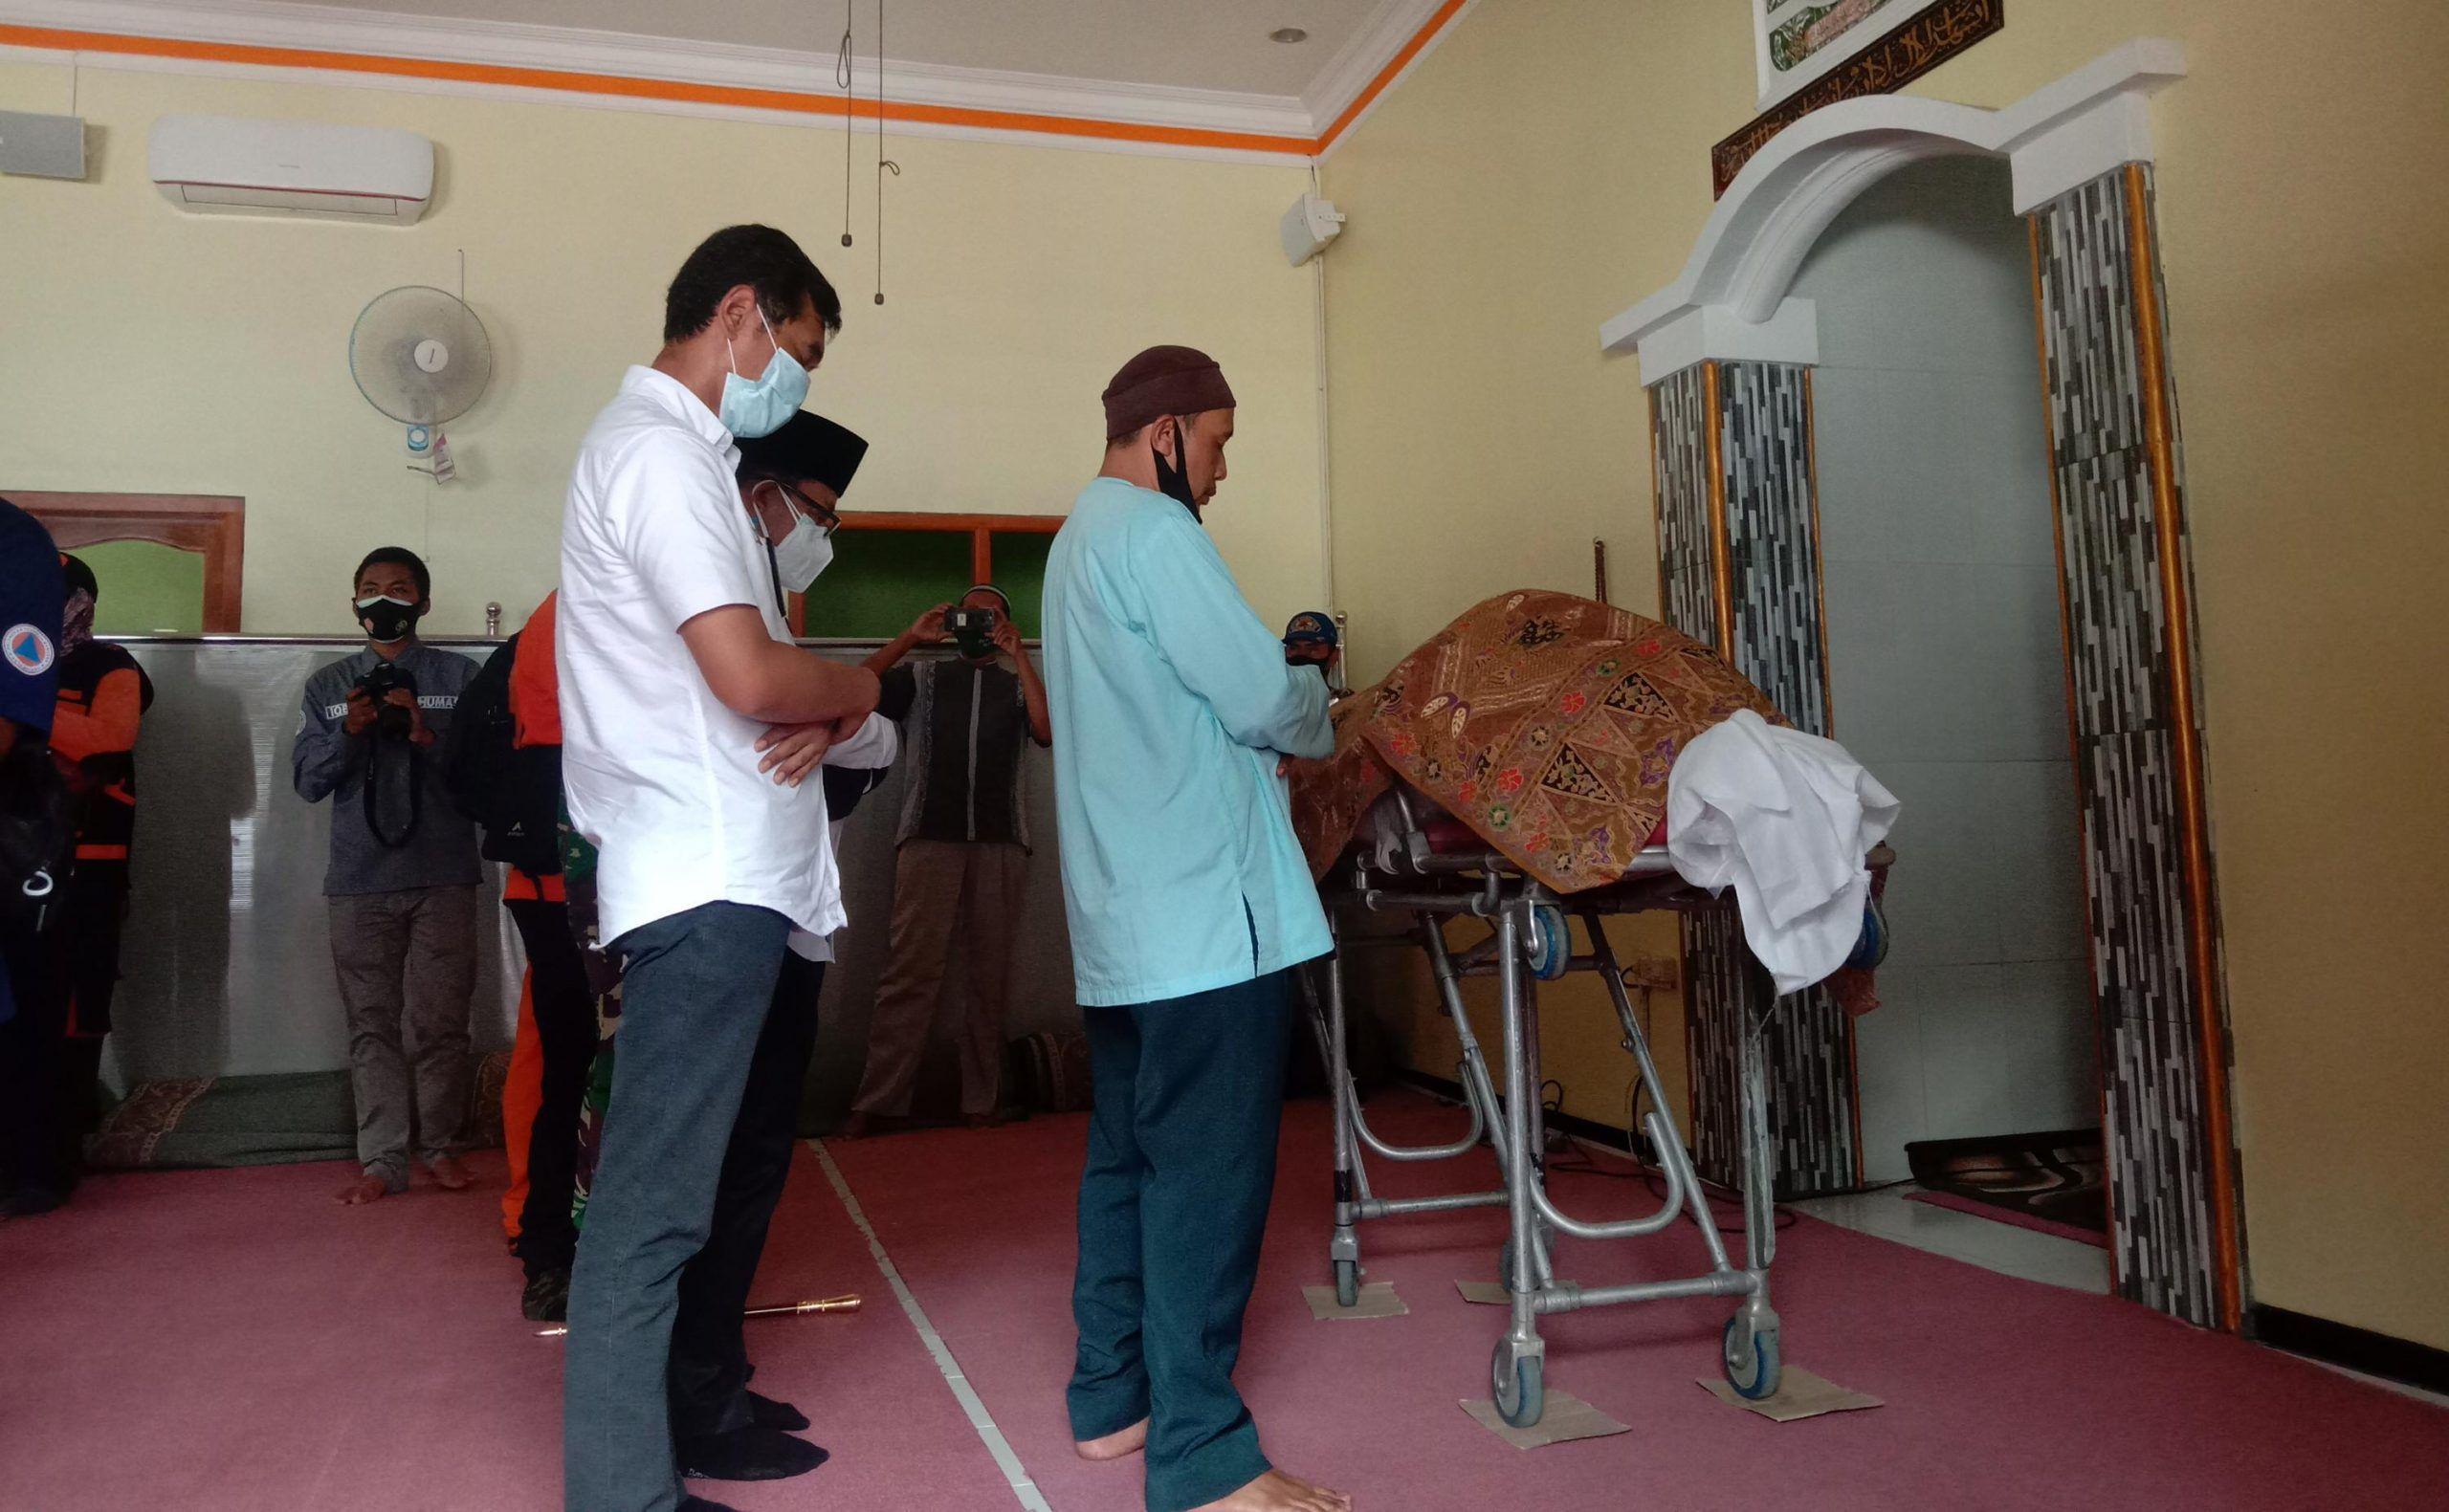 Wali Kota Malang Sutiaji bersama masyarakat sedang mensalati jenazah Roland Sumarna, korban plengsengan ambrol di Malang. (Foto: Feni Yusnia/Tugu Jatim)